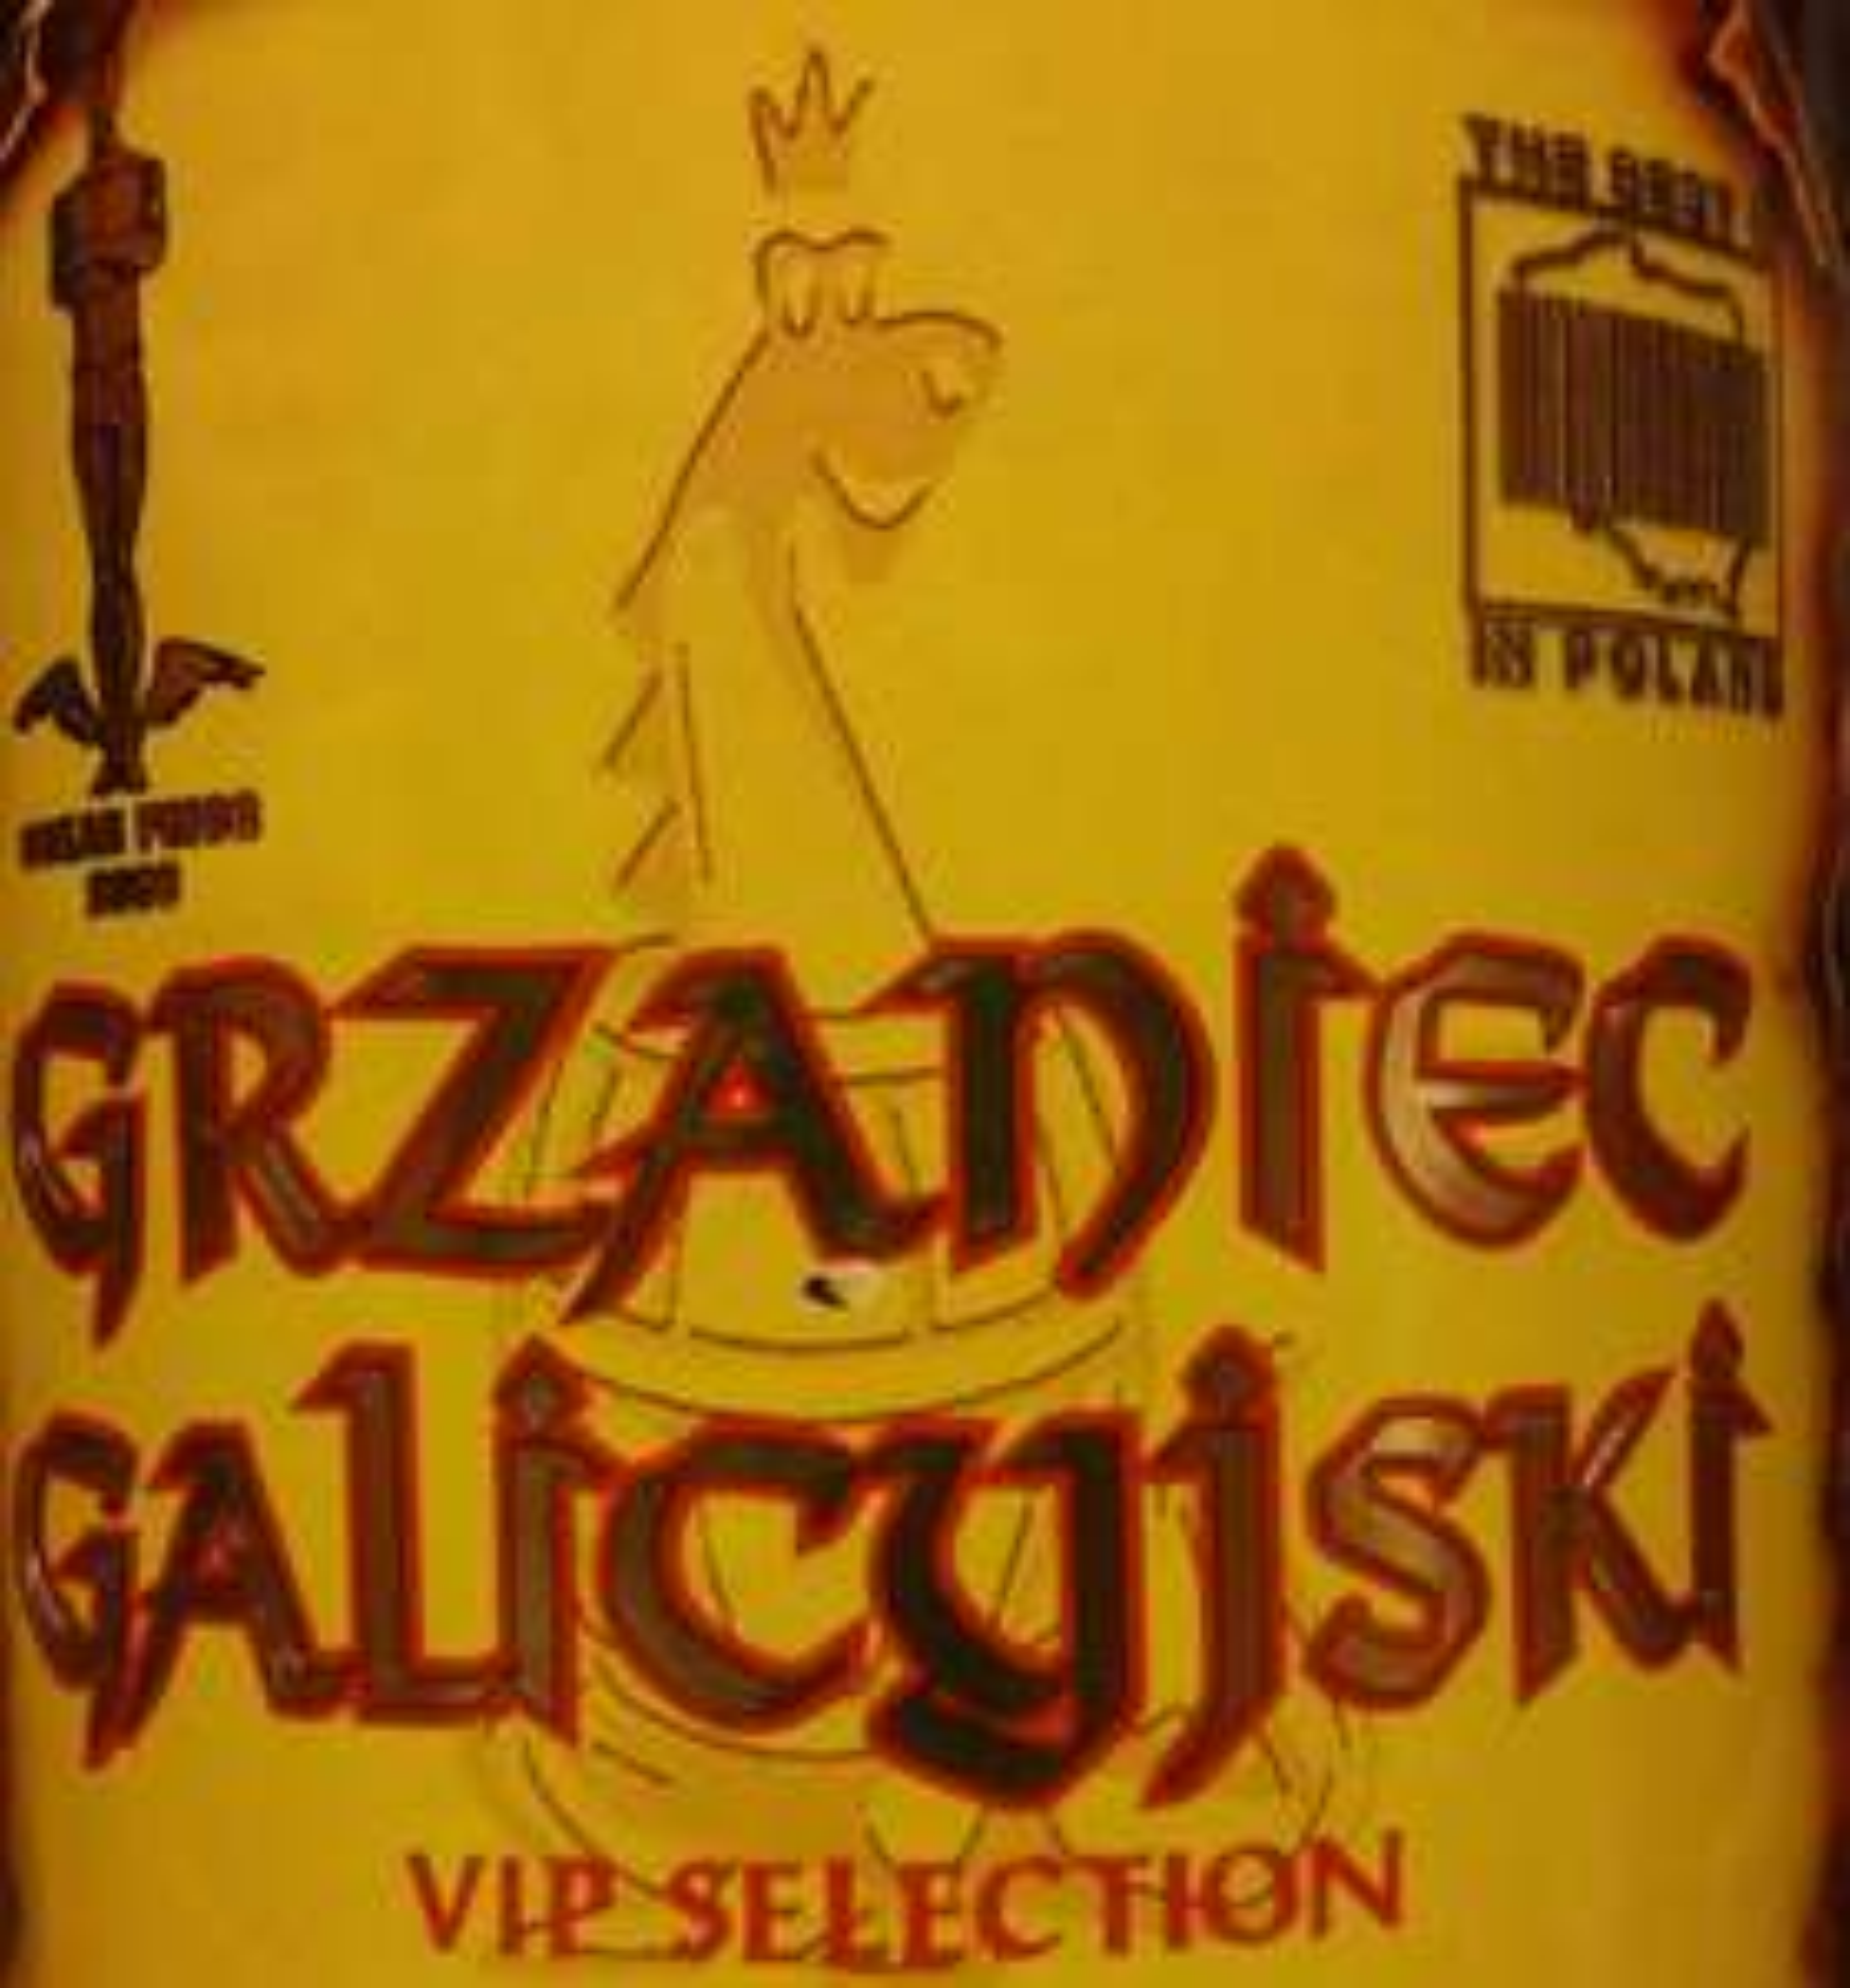 Grzaniec Galicyjski 1L Auchan M1 Kraków